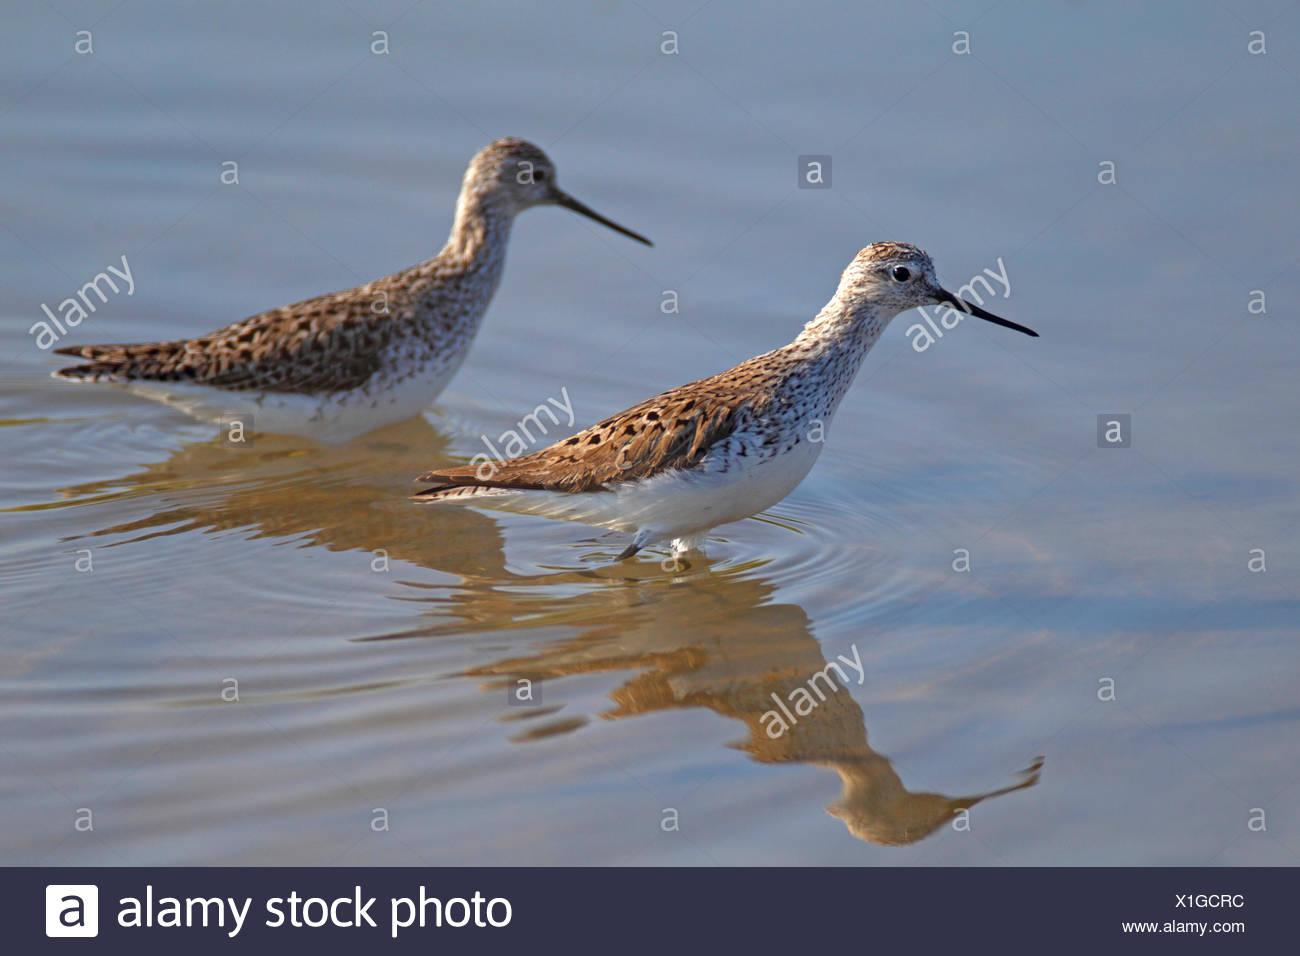 Marsh Sandpiper (Tringa Stagnatilis), zwei Vögel waten im seichten Wasser, Griechenland, Lesbos Stockbild